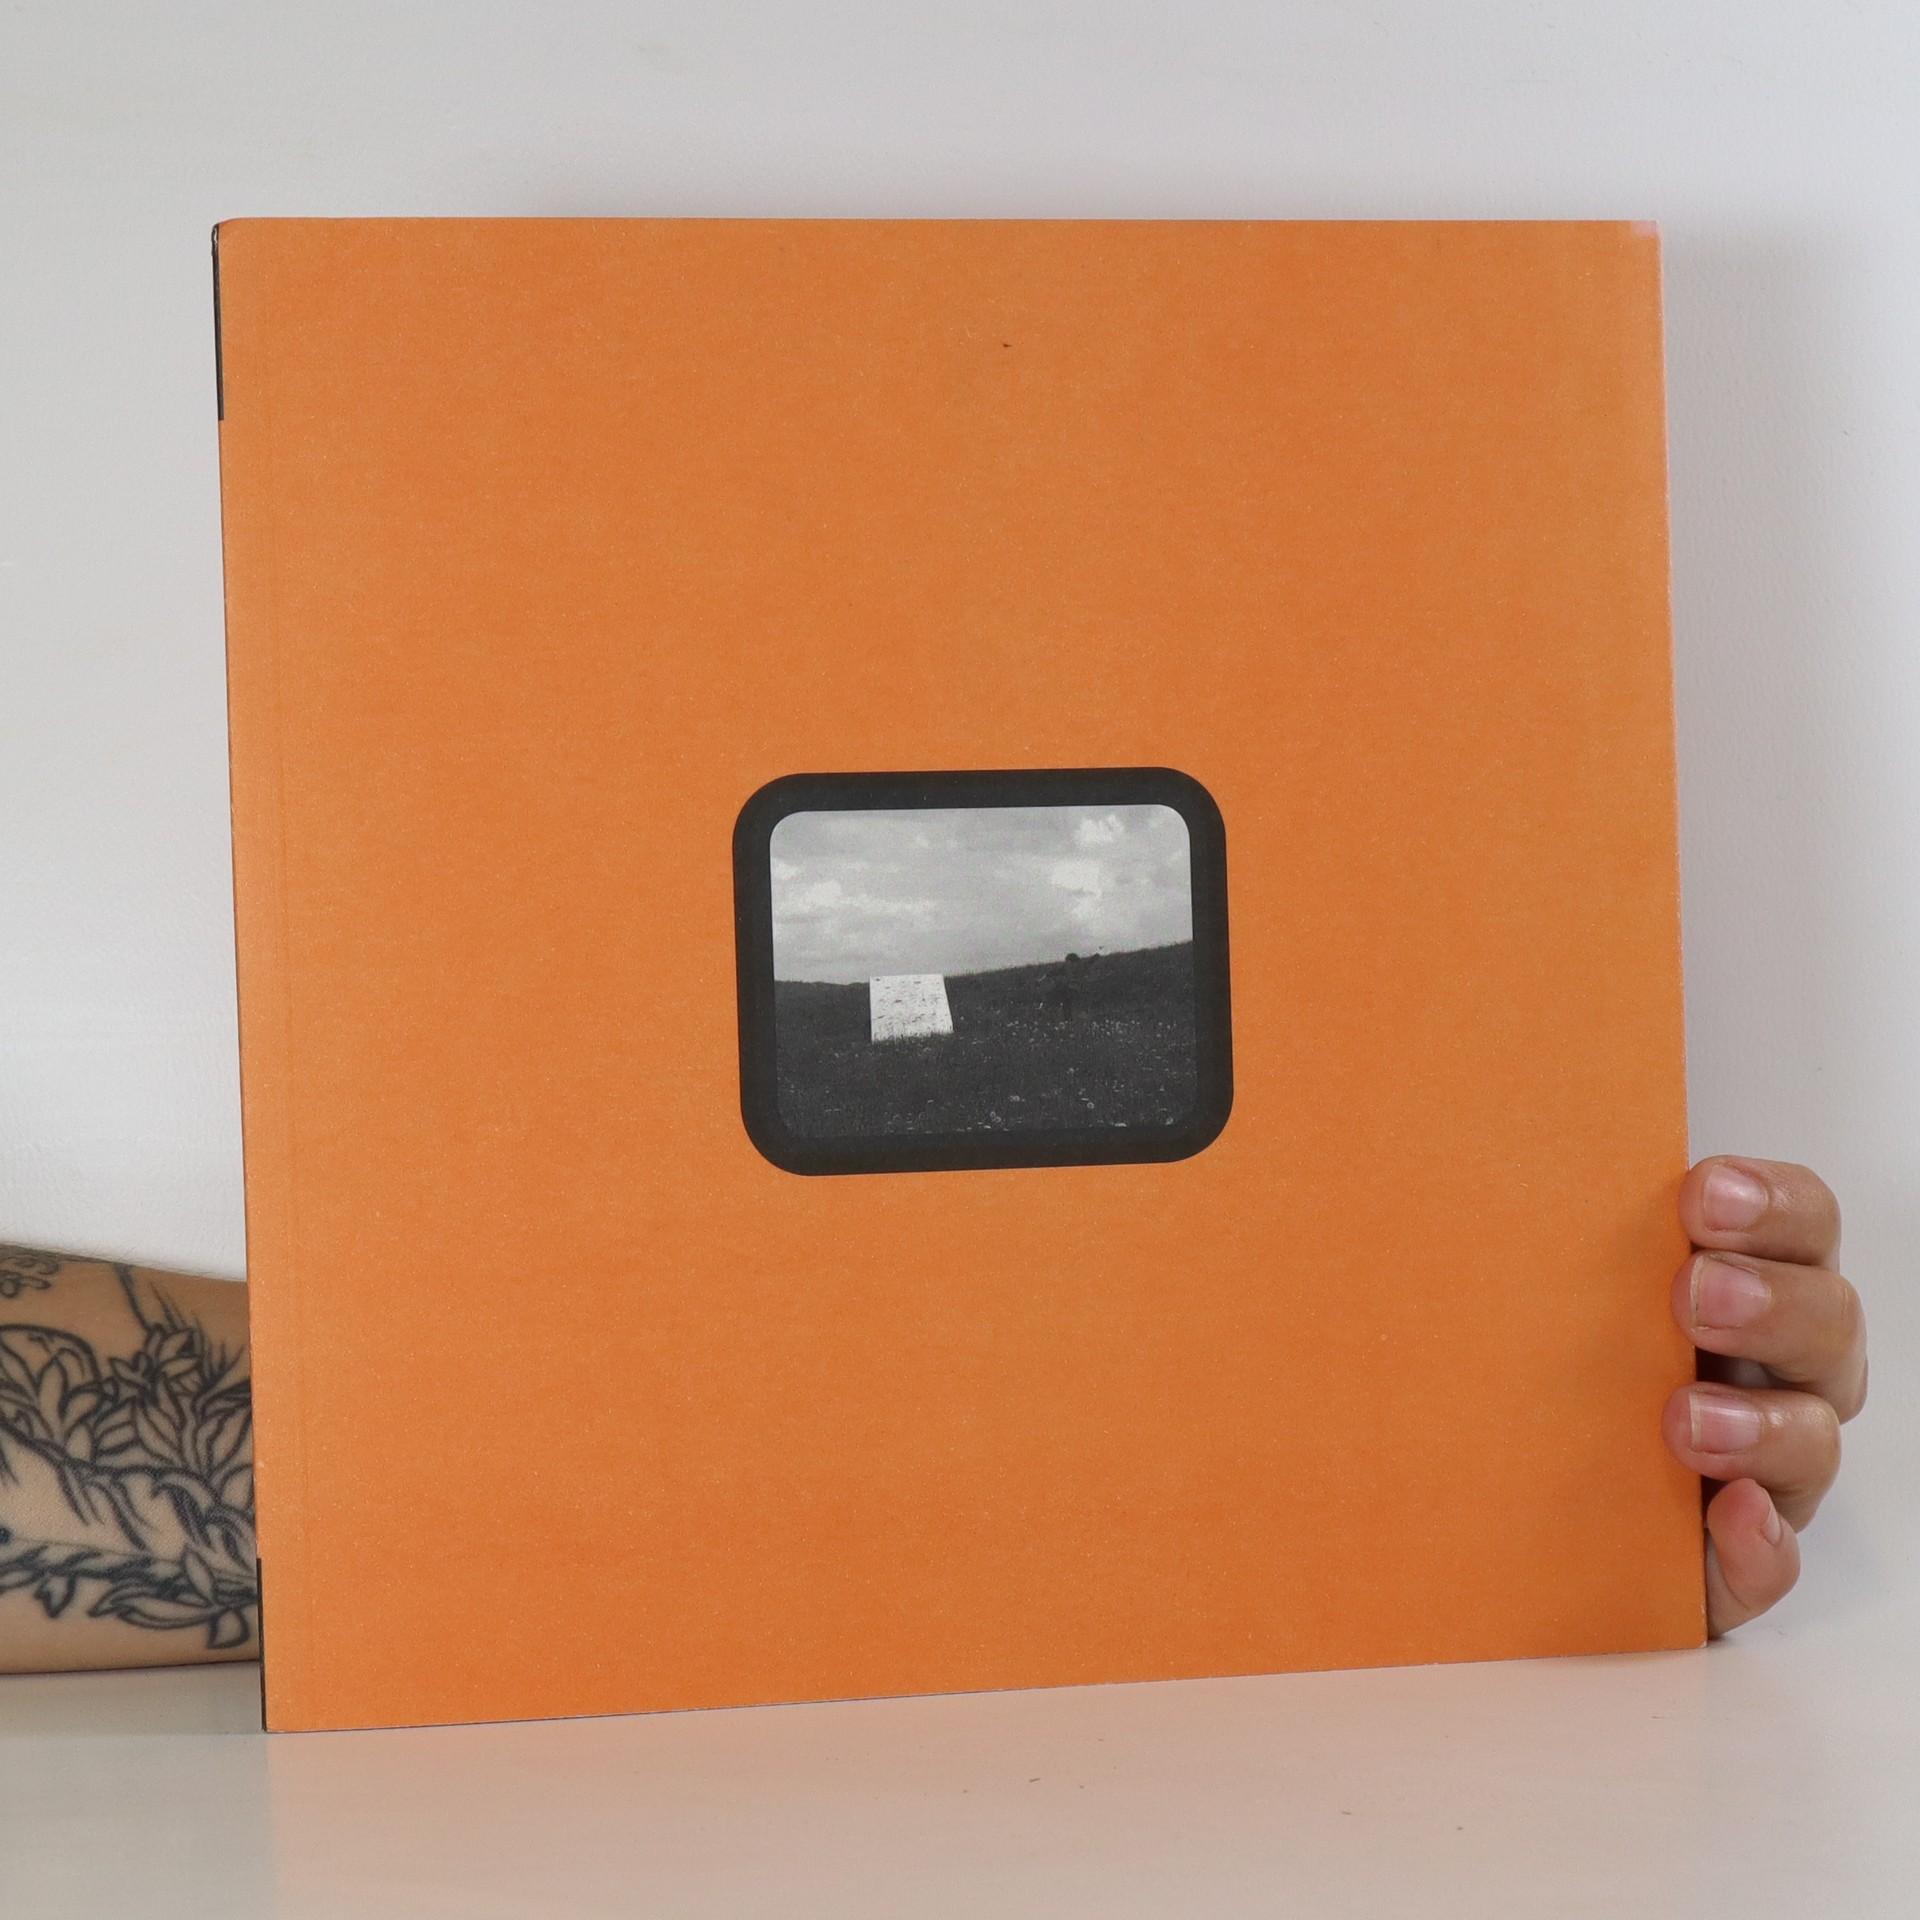 antikvární kniha Contacts 2004. 5. mezinárodní výtvarných akademií., 2004